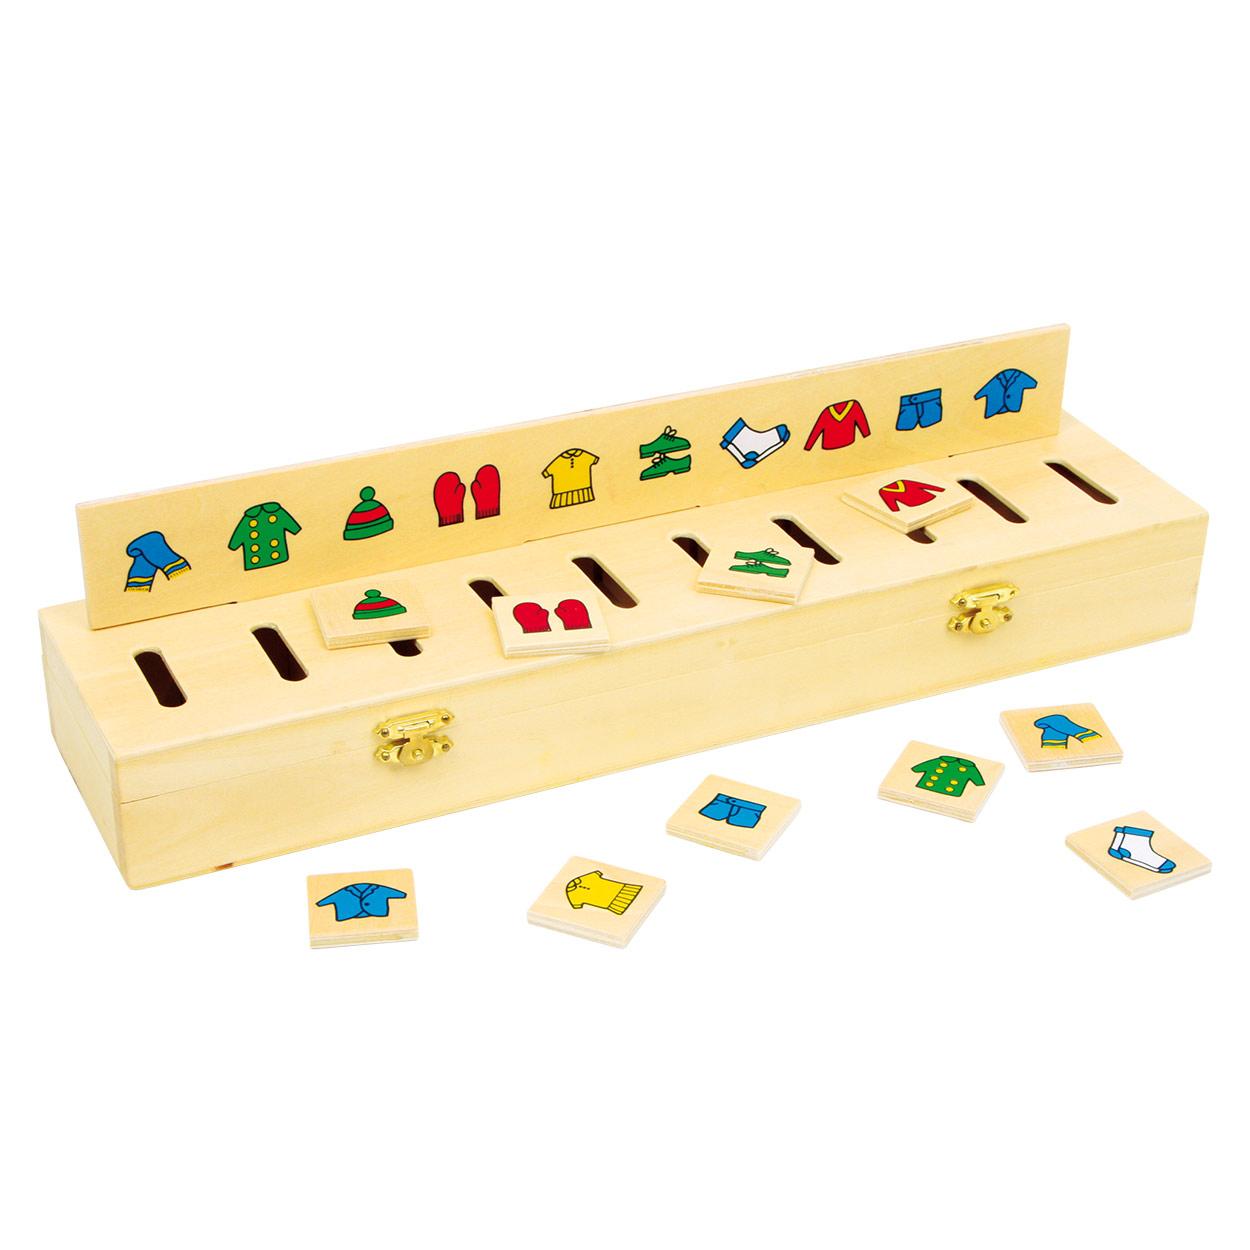 sorteerbox, houten spellen, puzzelen en sorteren, vanaf 3jaar, , motoriekspeelgoed, leerspeelgoed